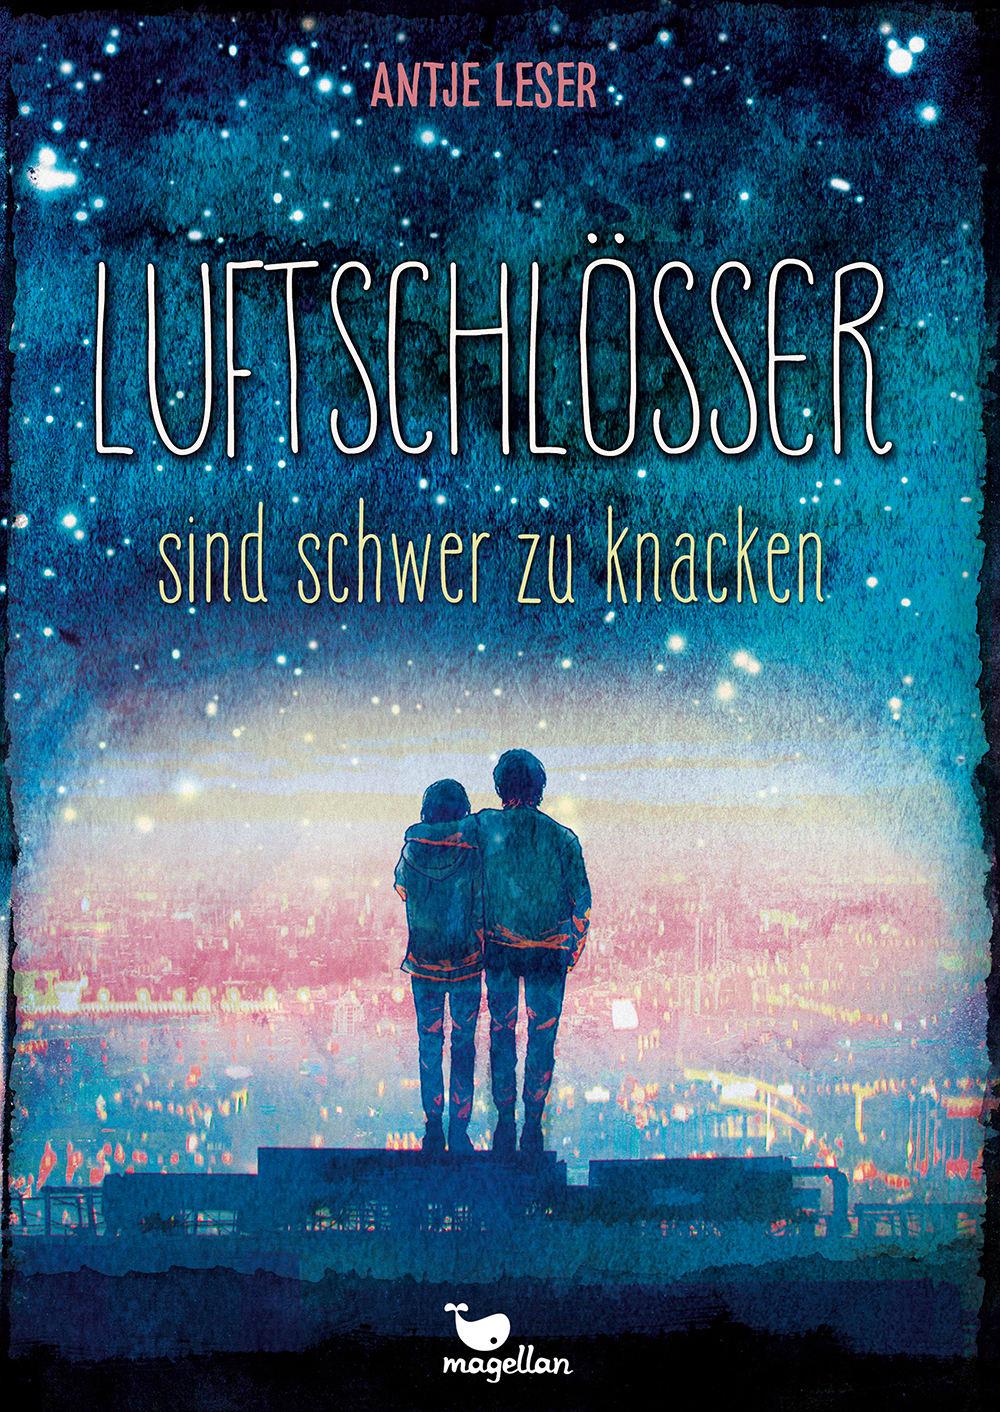 Cover Luftschlösser sind schwer zu knacken Thriller Jugendbuch von Antje Leser